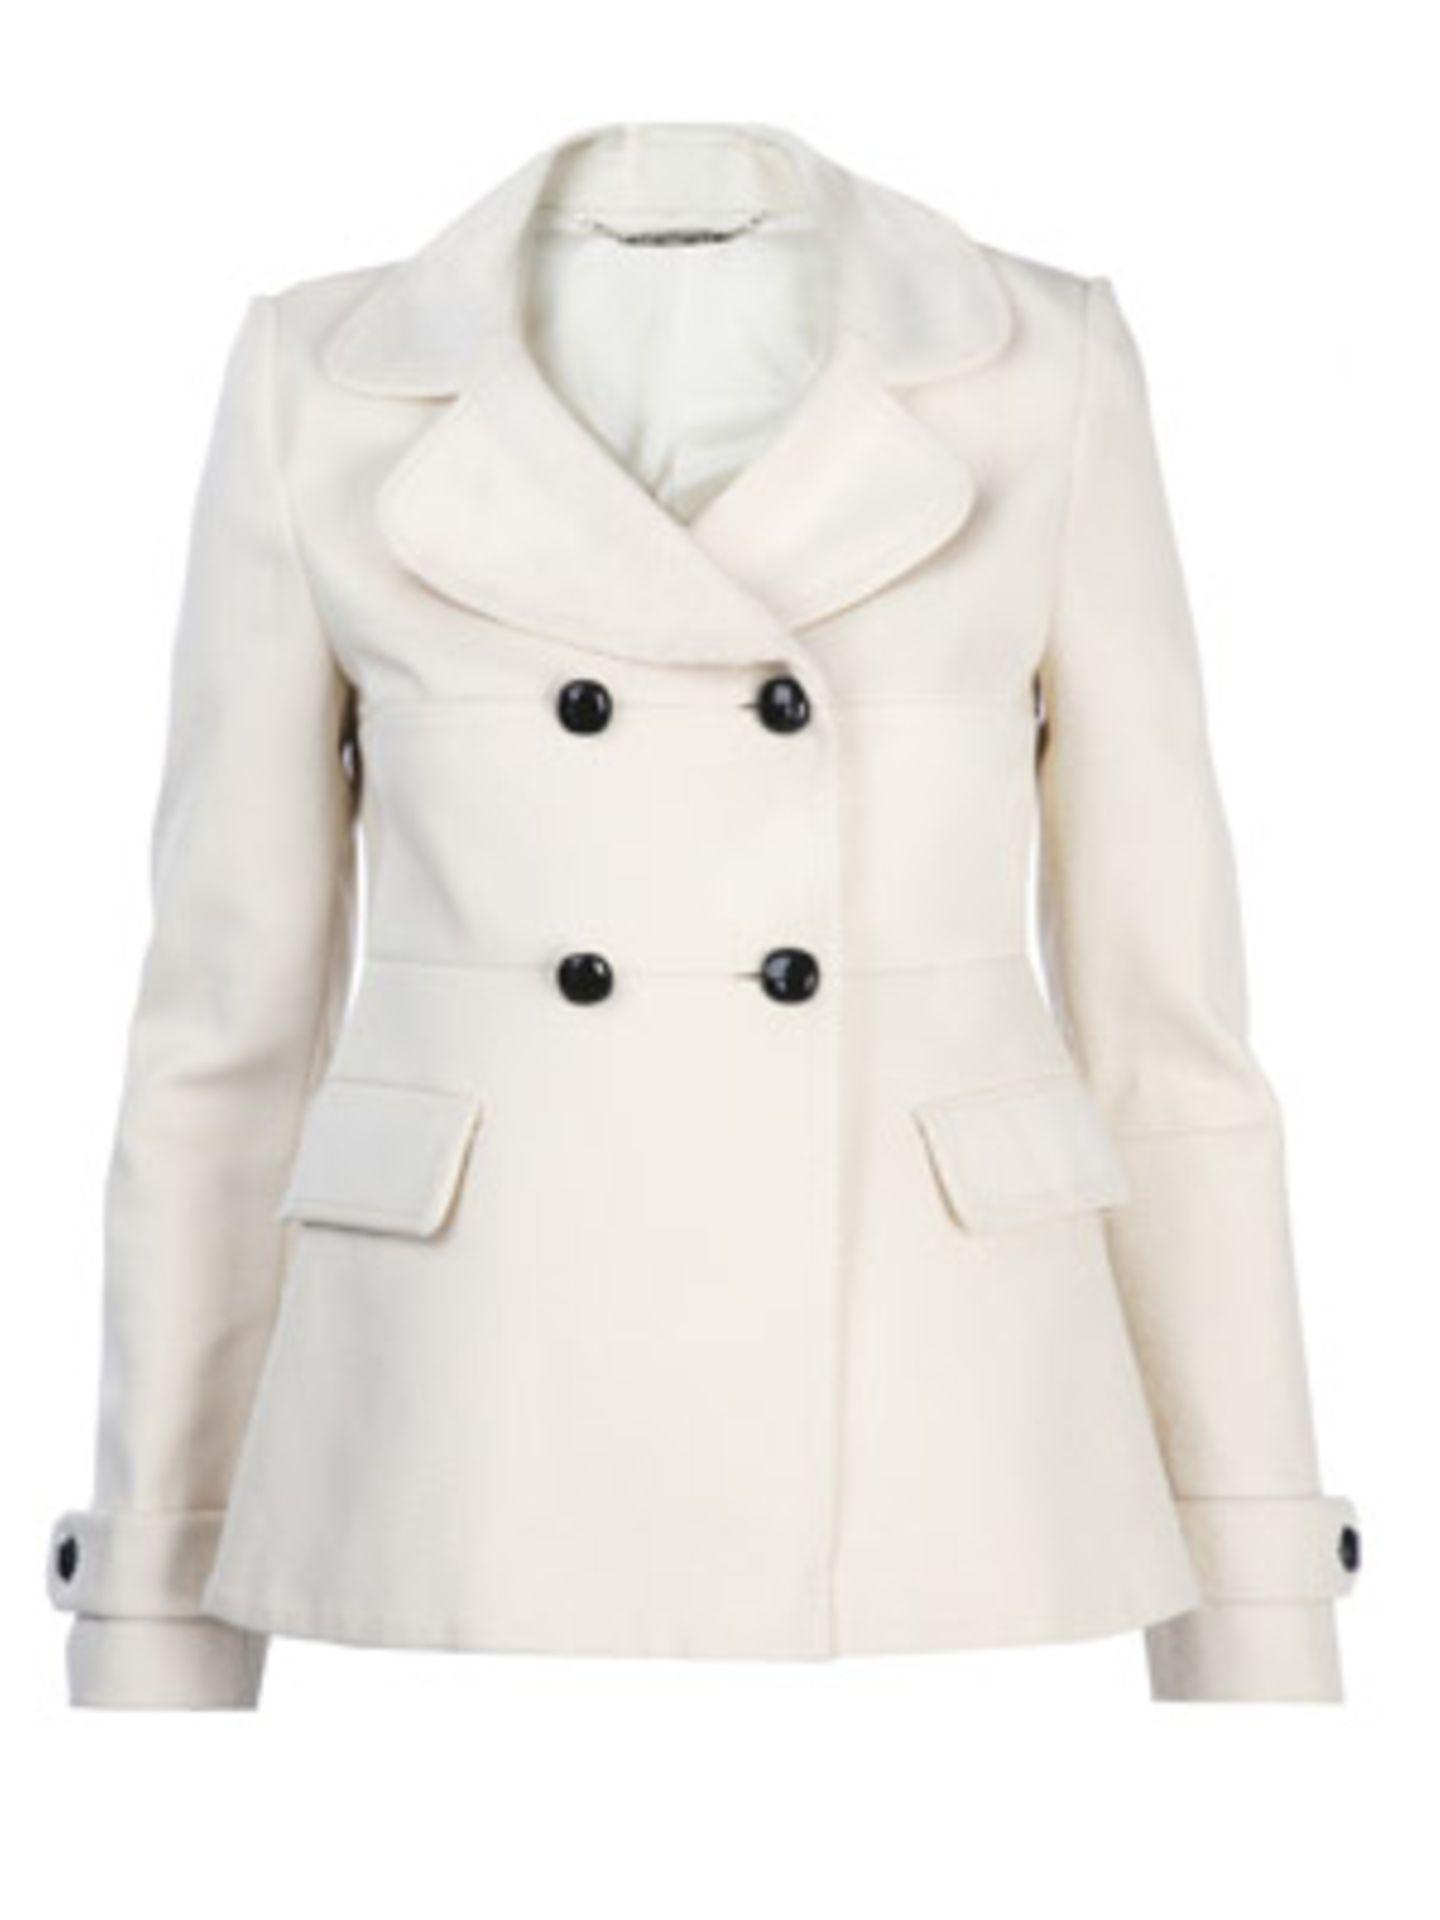 Weiße Jacke mit mädchenhaftem Kragen und doppelter Knopfreihe von Mango, ca. 100 Euro.